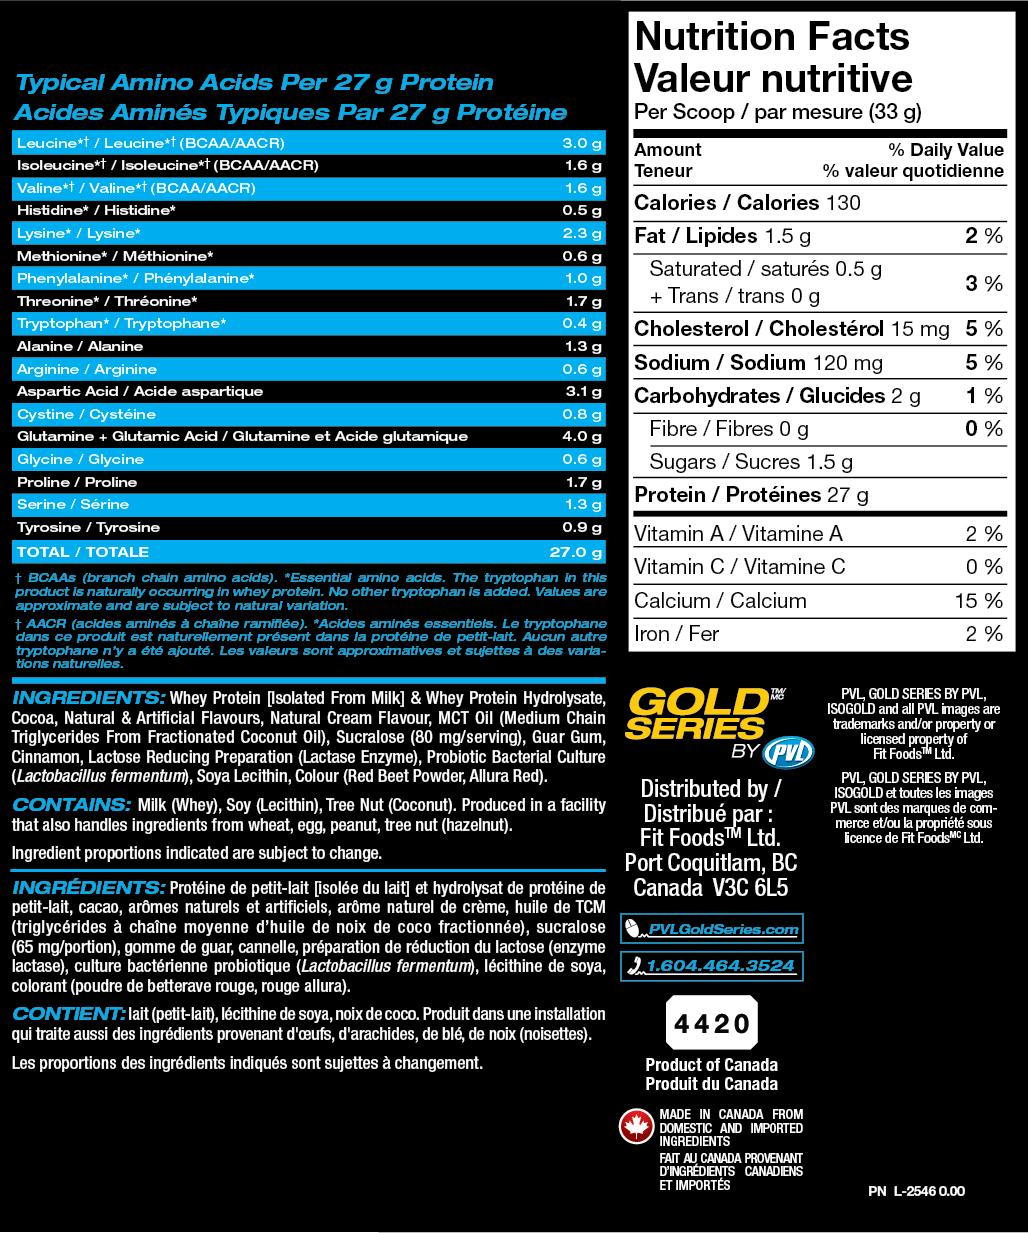 pvl-iso-gold-6b-VELVET-excl-info.jpg